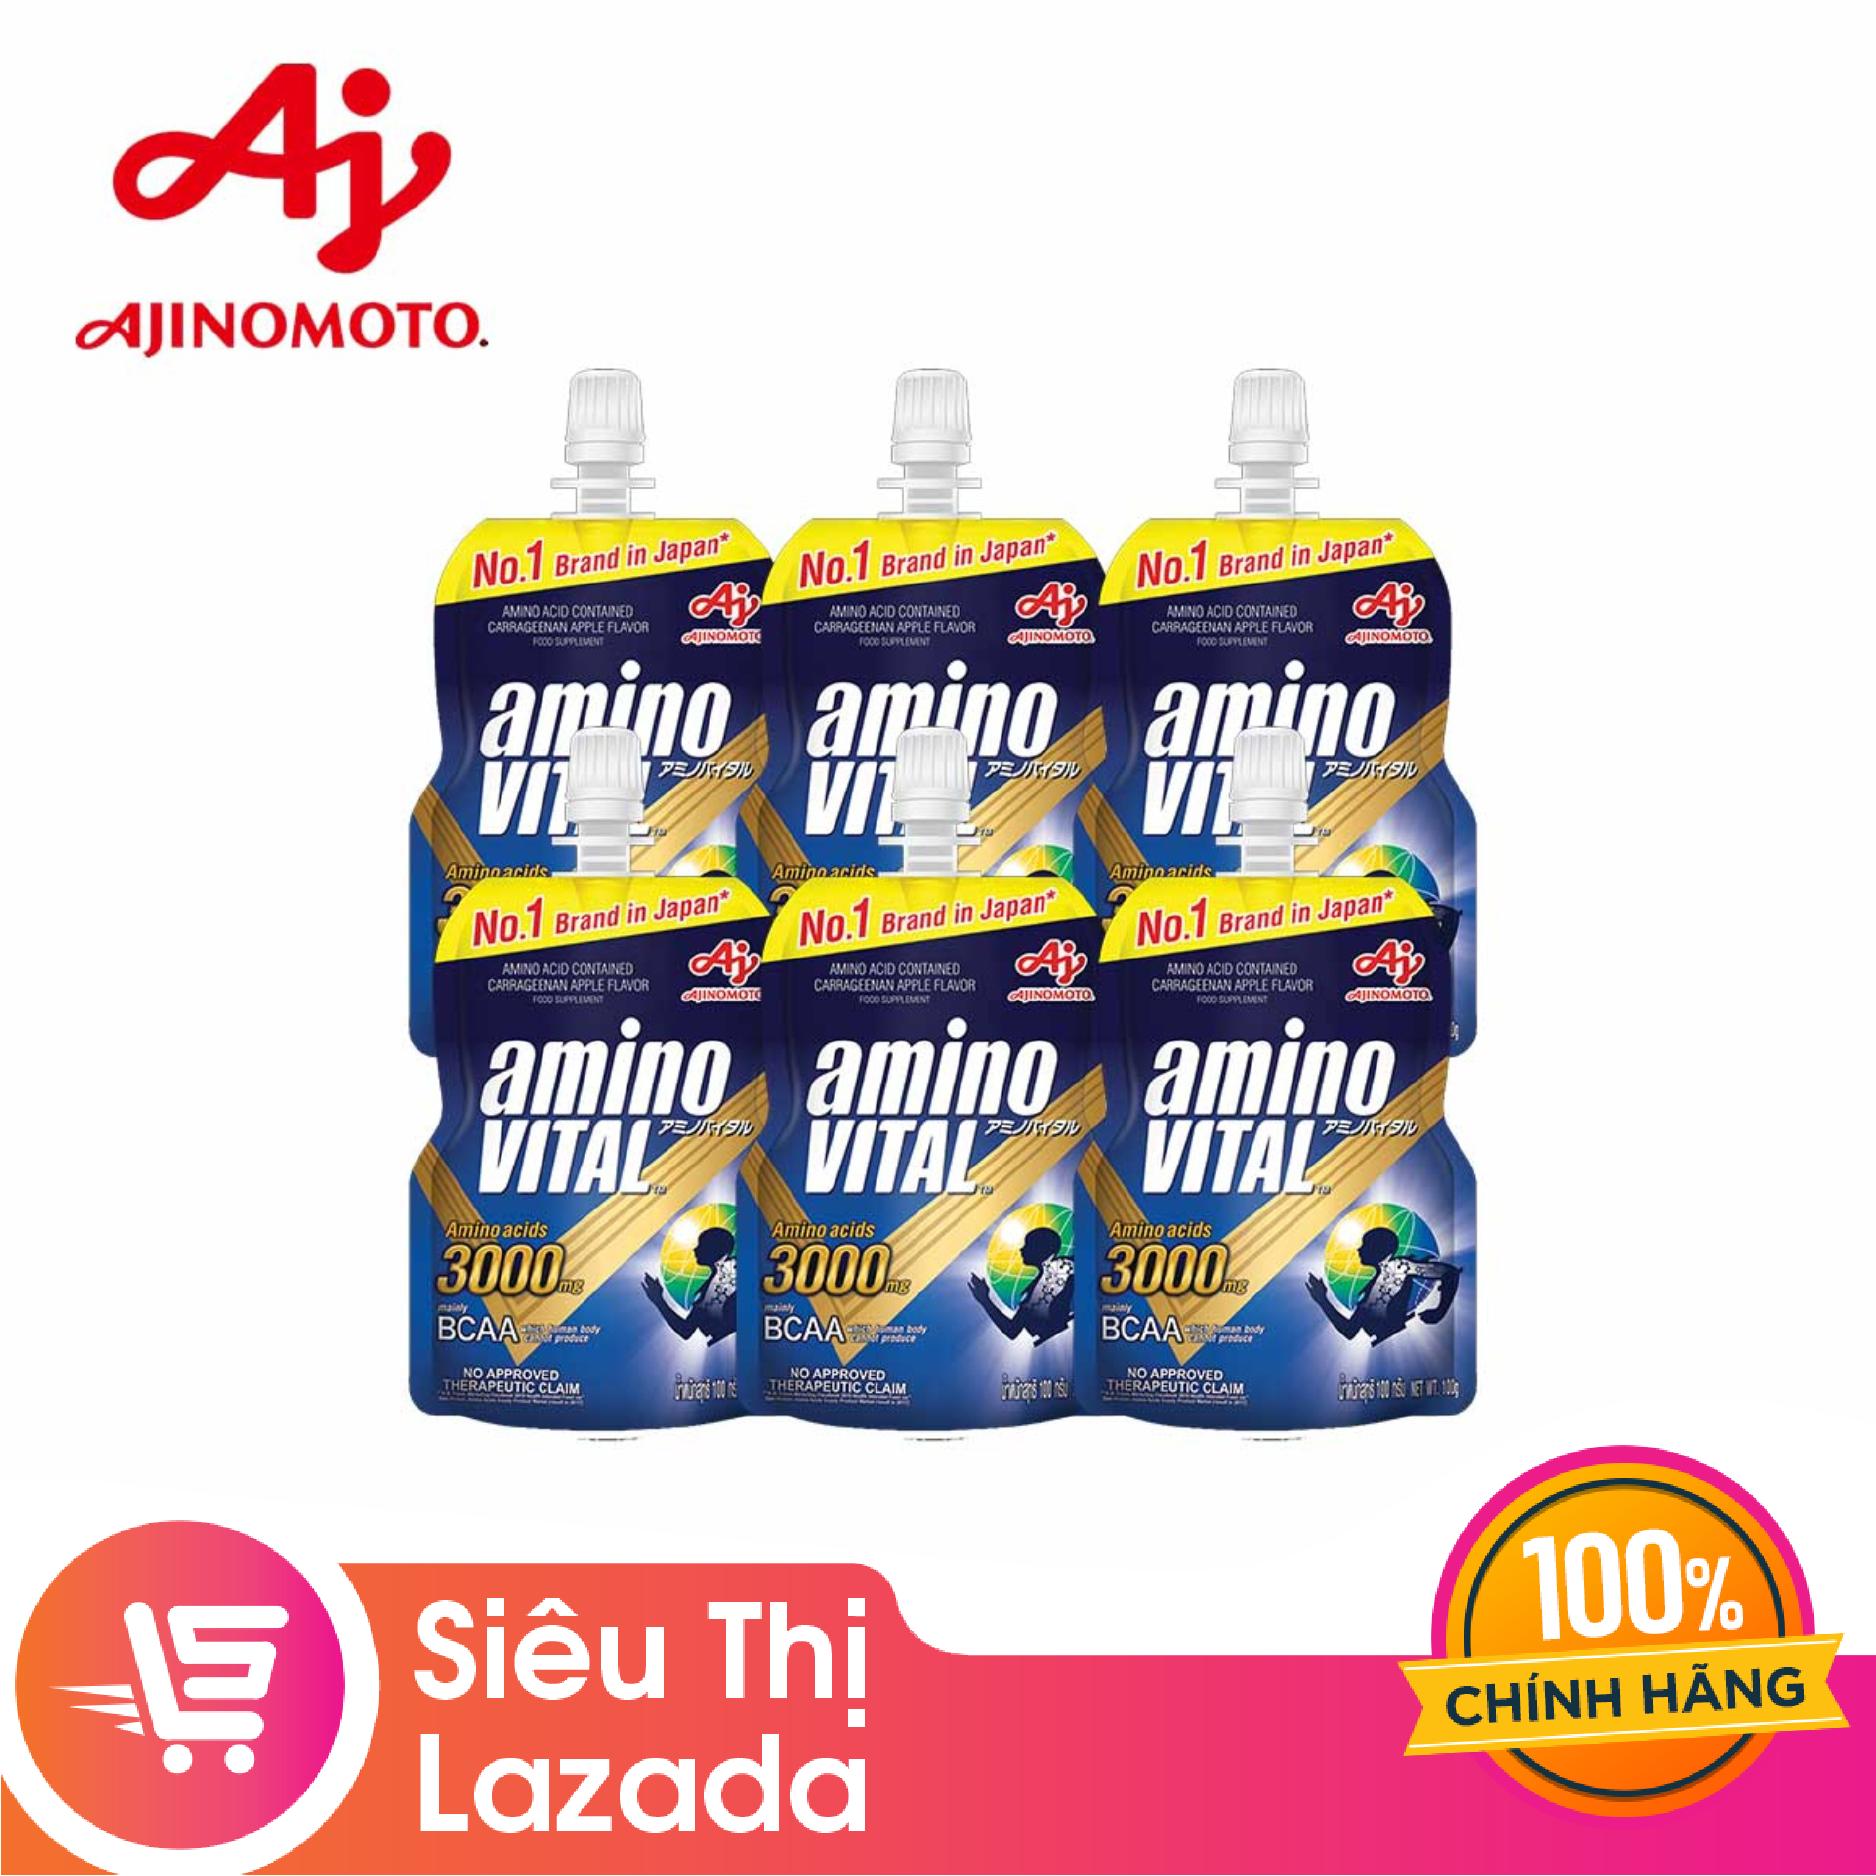 [Siêu thị Lazada] Hộp 6 gói thức uống thể thao Amino Vital hỗ trợ phục hồi cơ bắp (6 gói x 100g)